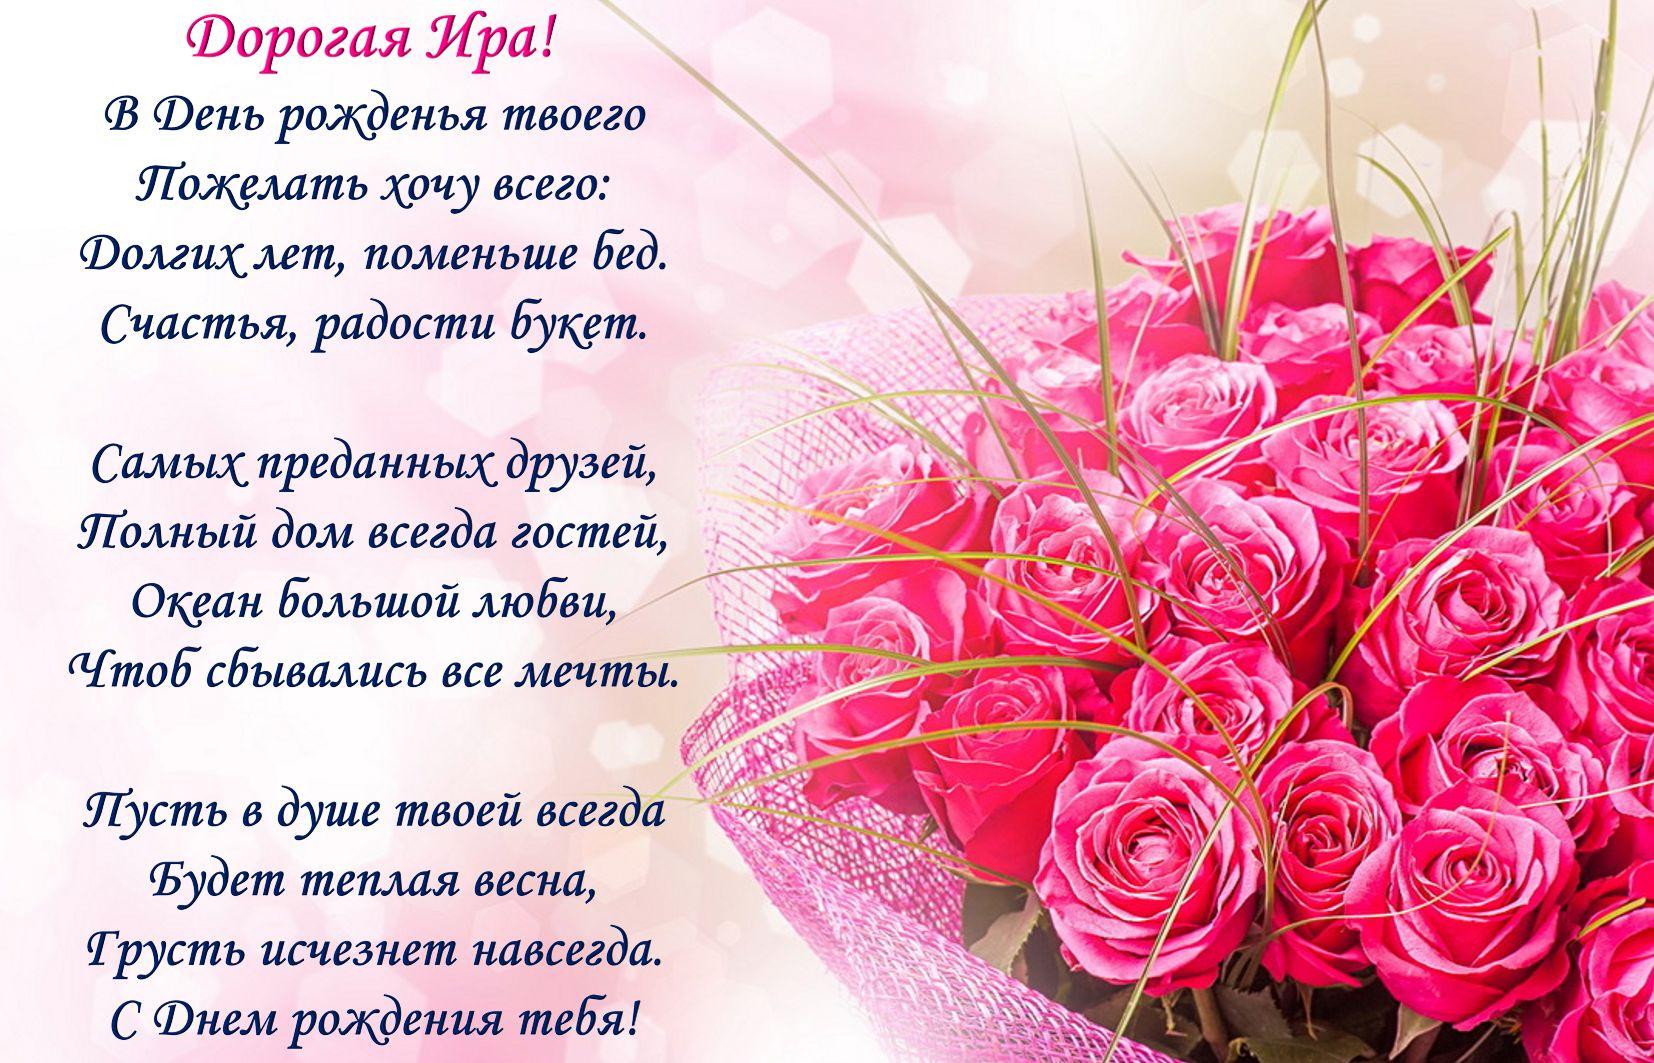 Розовые розы и пожелание для Иры